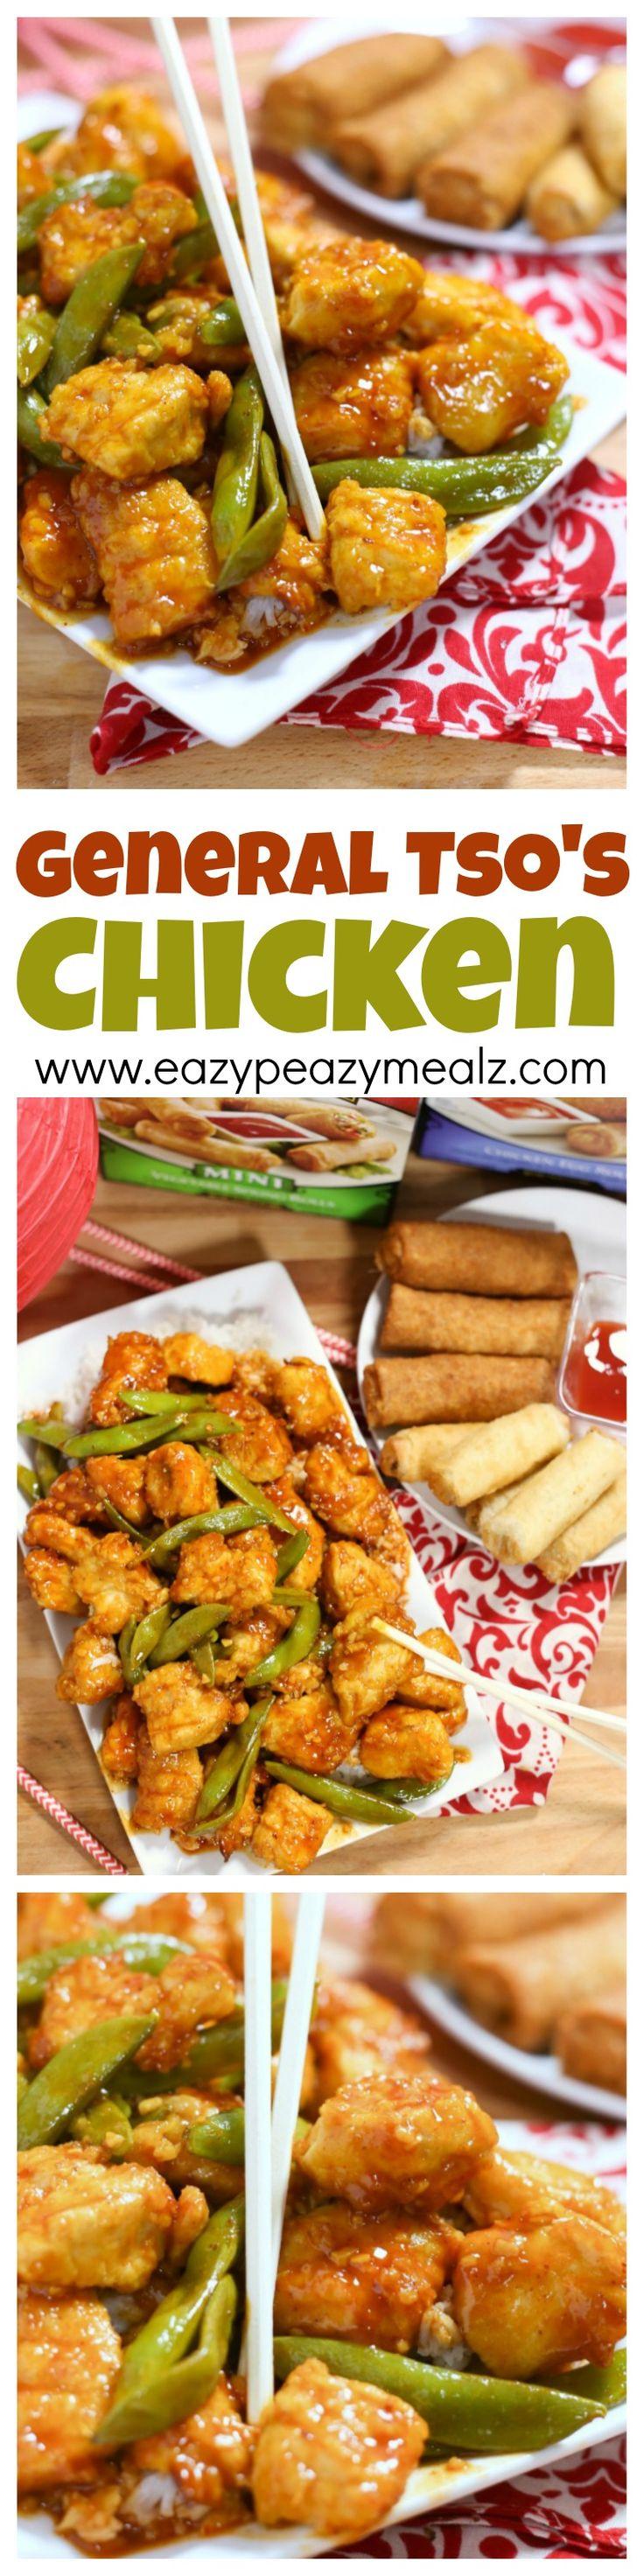 New Year Chicken Recipe Edccedadbac